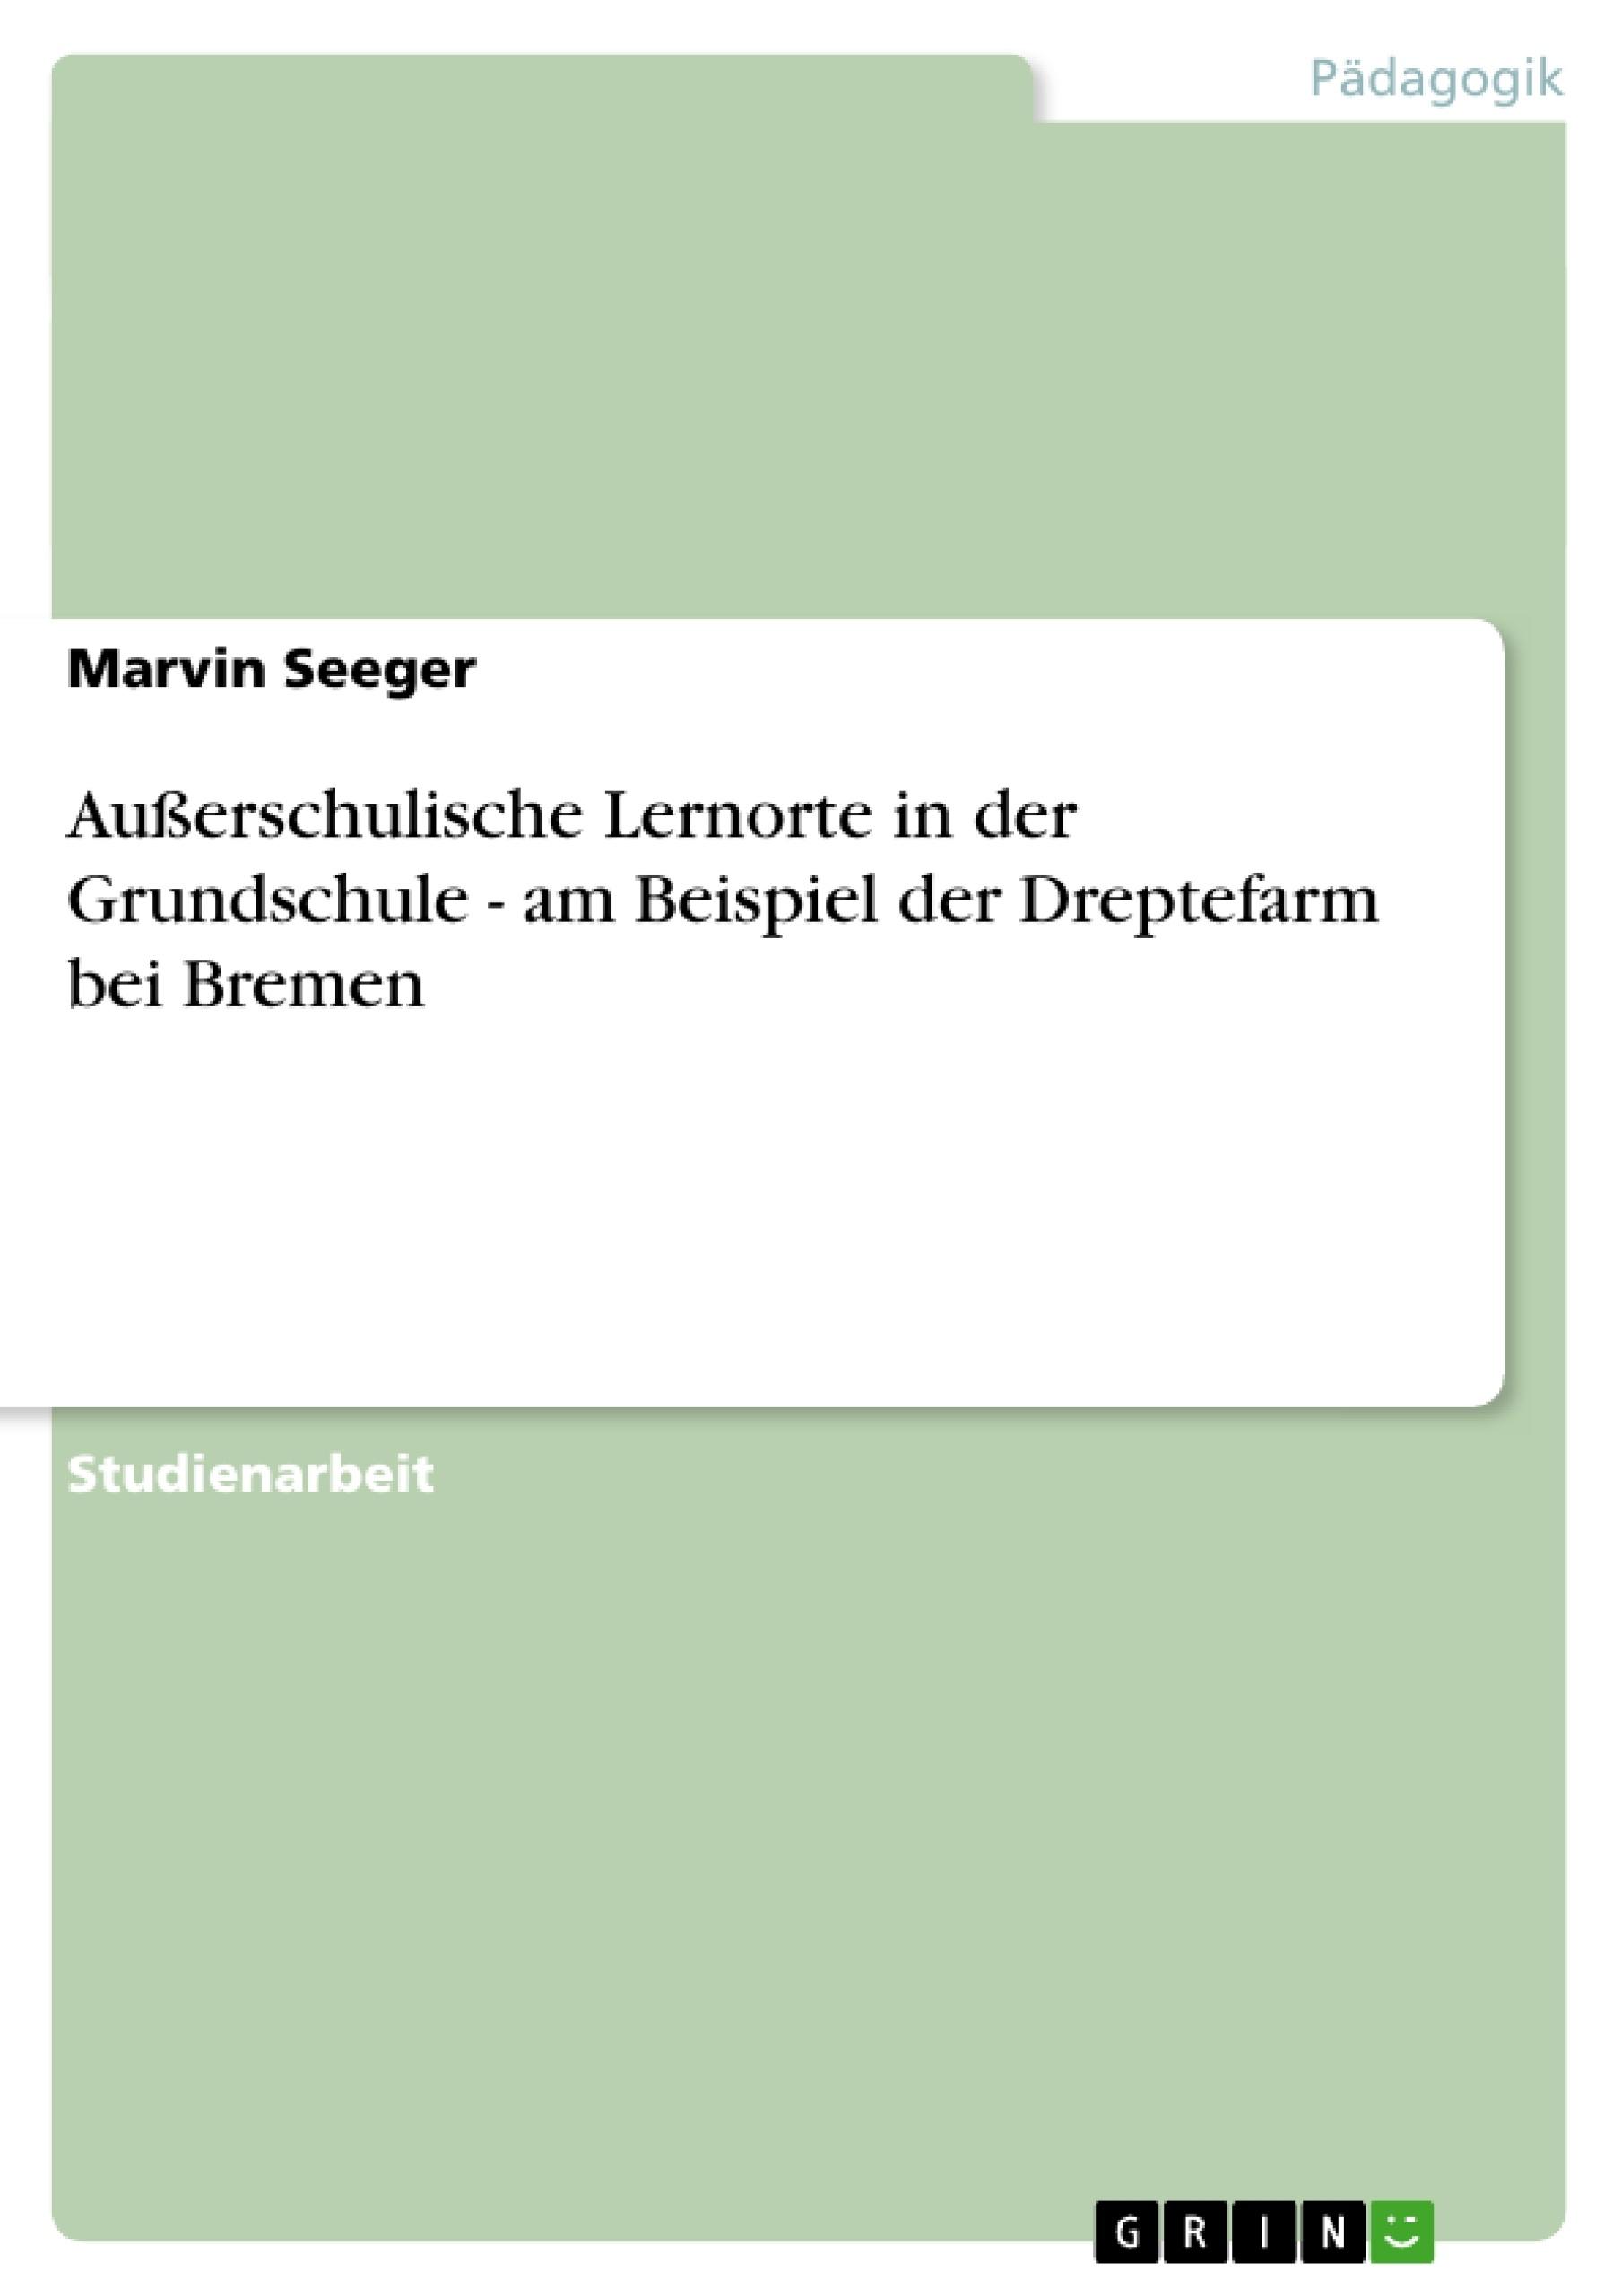 Titel: Außerschulische Lernorte in der Grundschule - am Beispiel der Dreptefarm bei Bremen